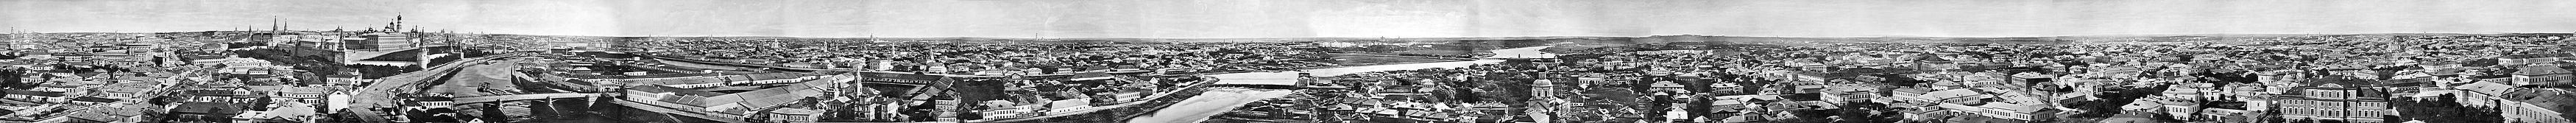 Moscou em 1867. Clique aqui para ver a imagem com notas.